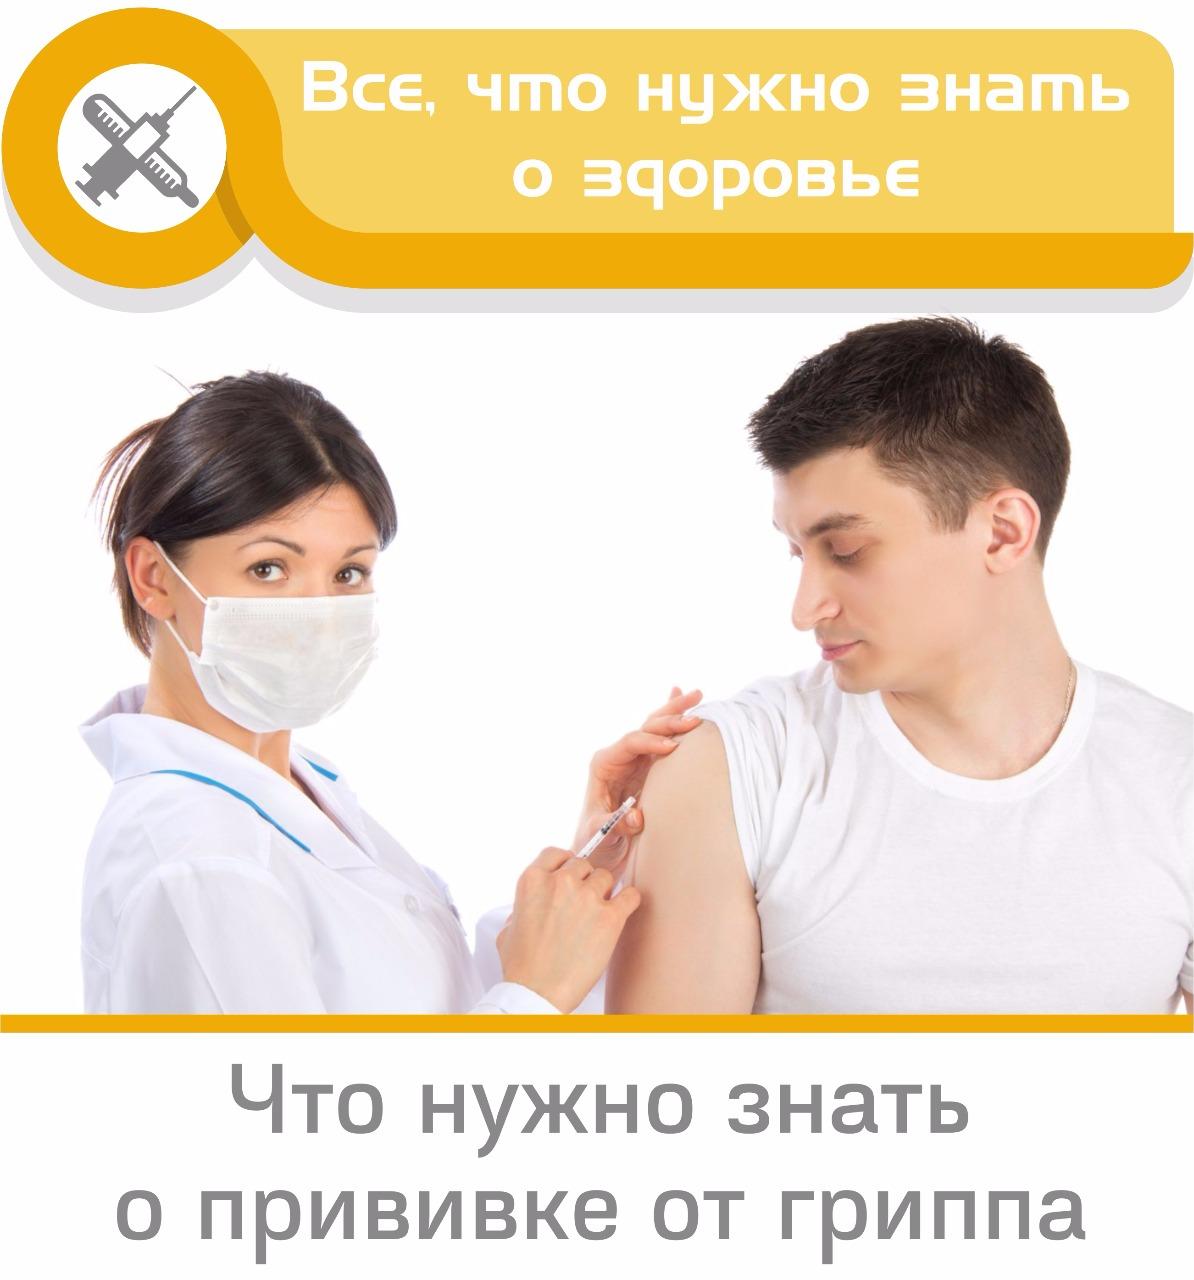 меню для здорового образа жизни